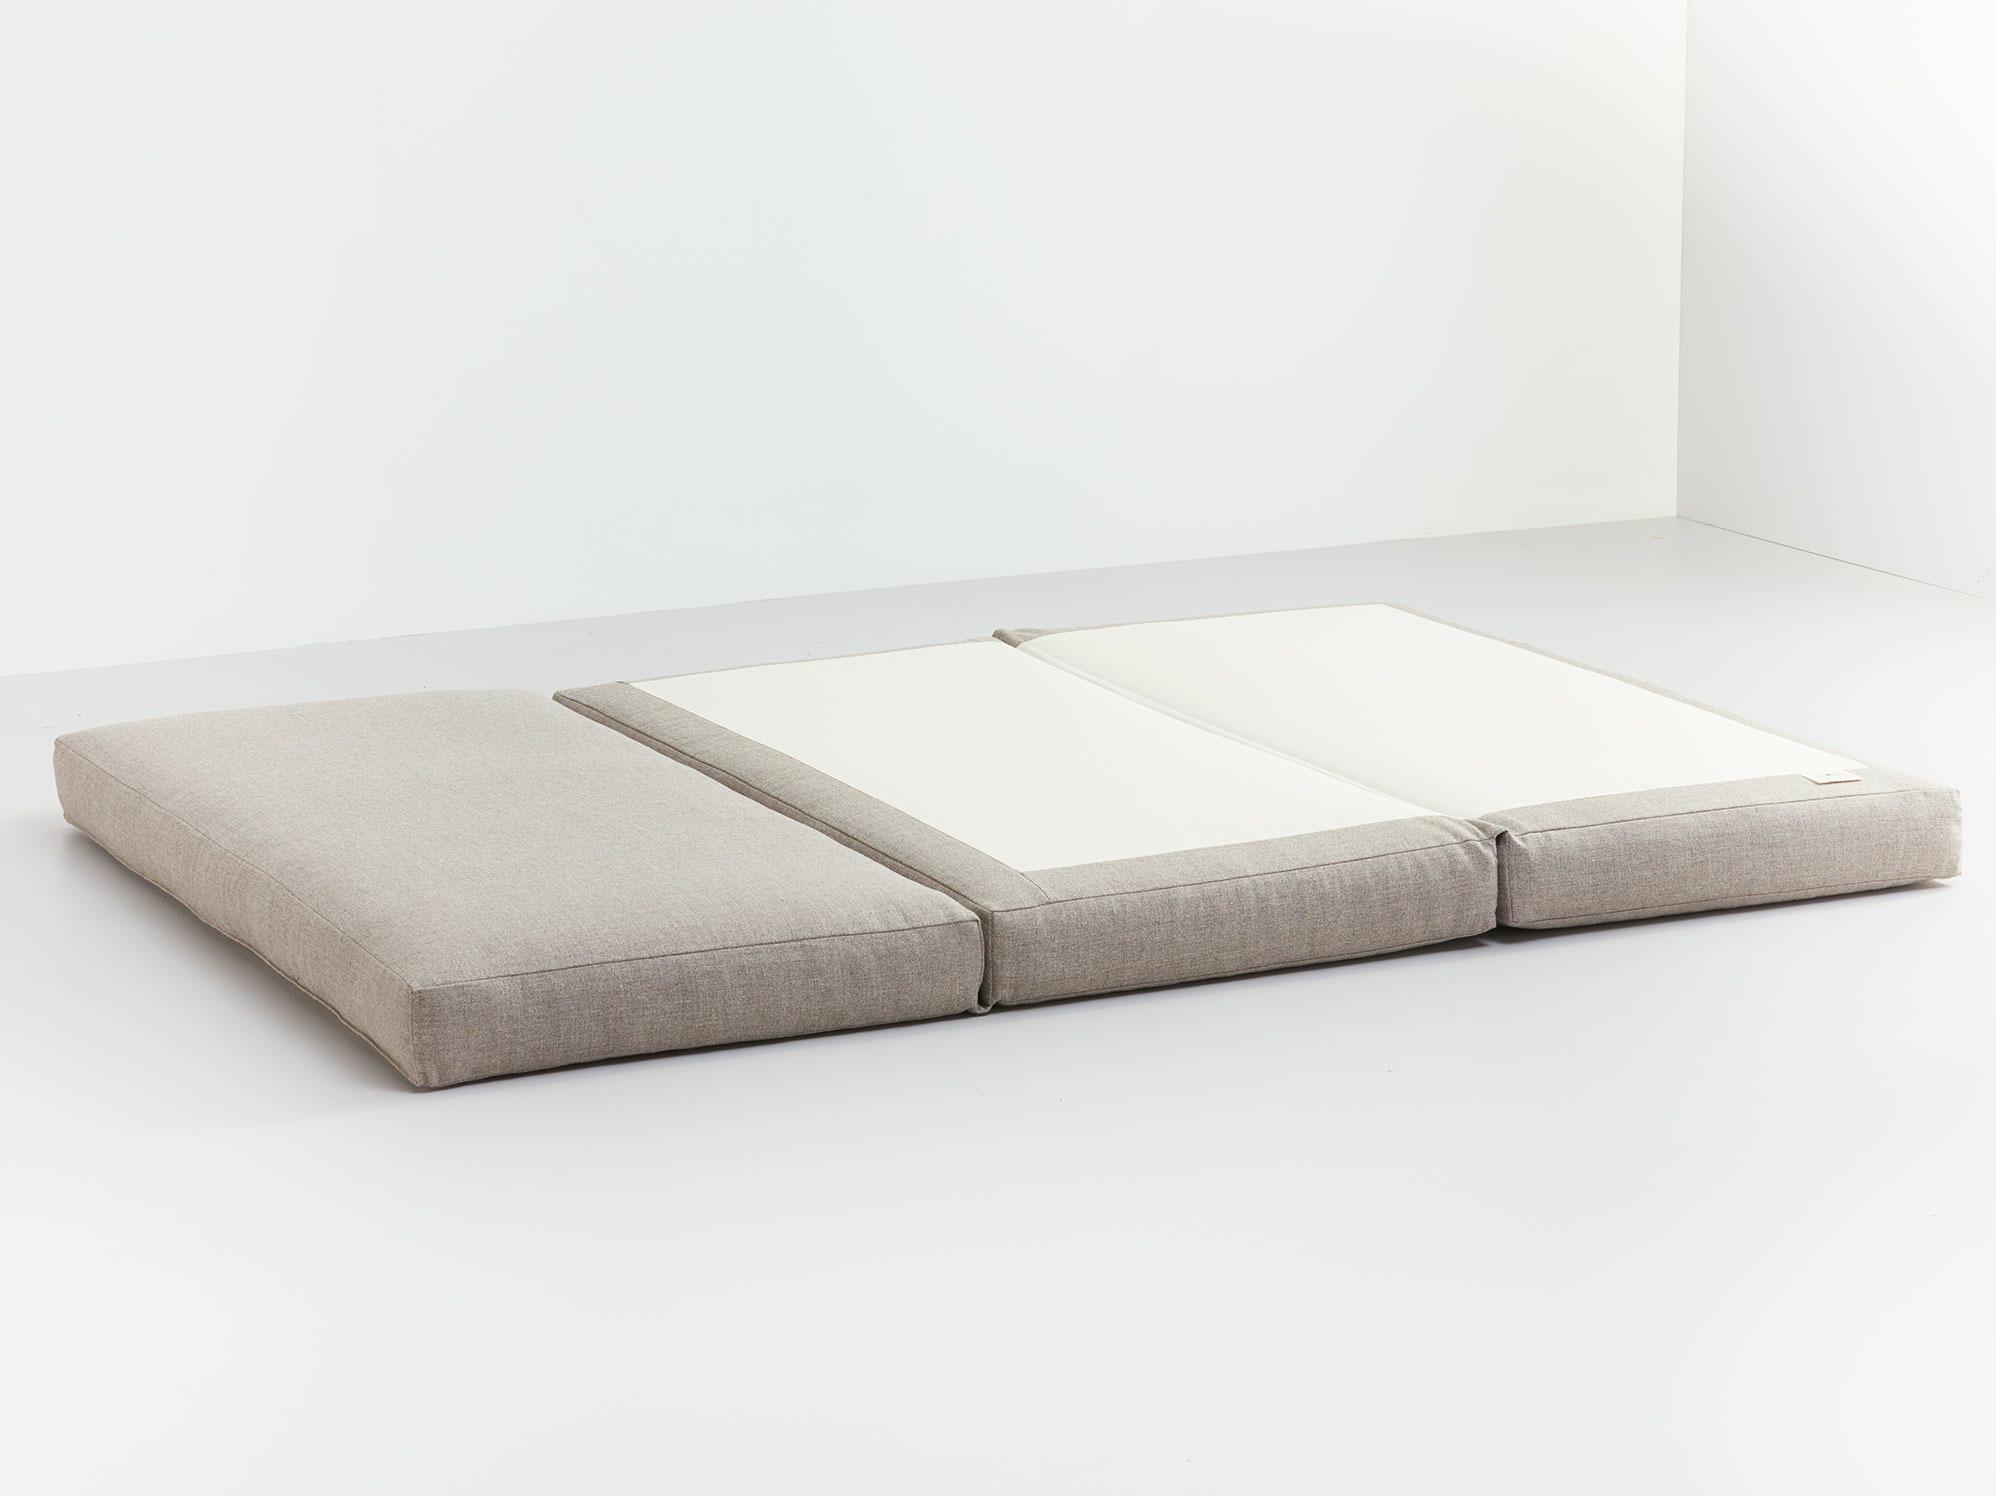 sitzhocker buddy gr ne erde. Black Bedroom Furniture Sets. Home Design Ideas